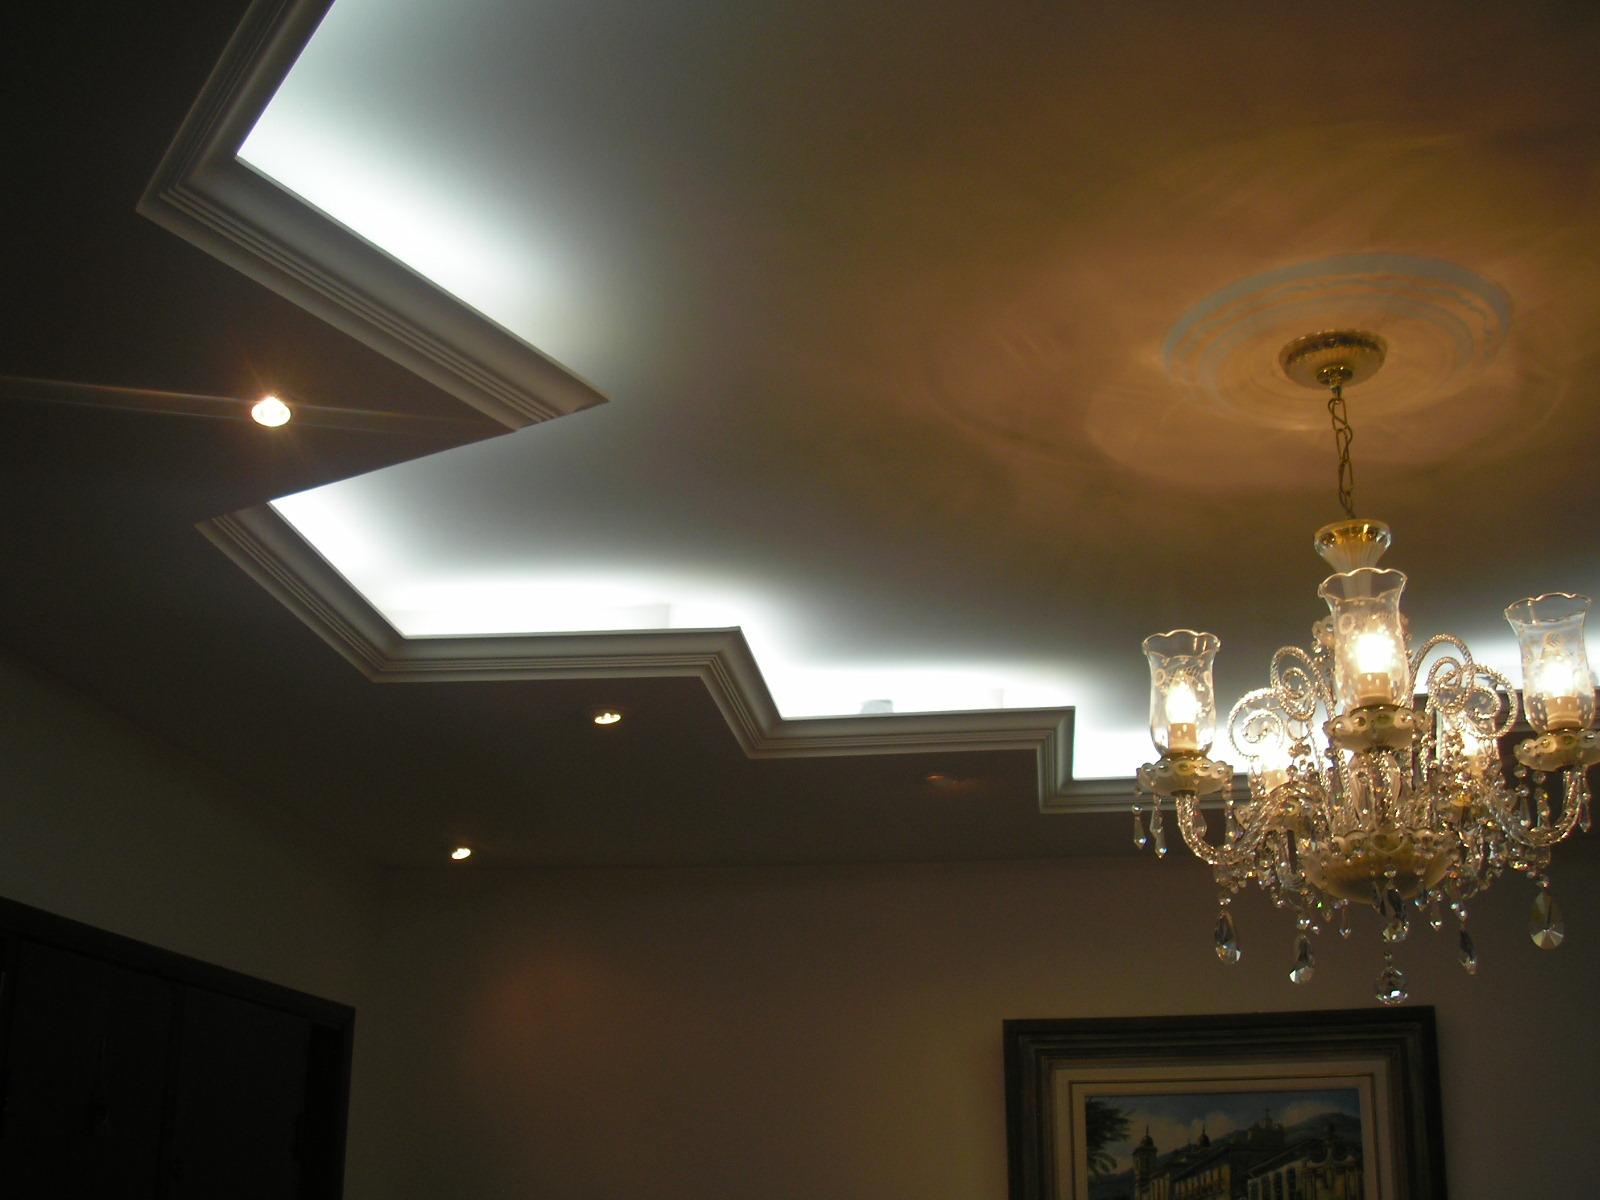 fotos de decoracao de interiores em gesso : fotos de decoracao de interiores em gesso:Fonte: Alderige Gessos e Texturas